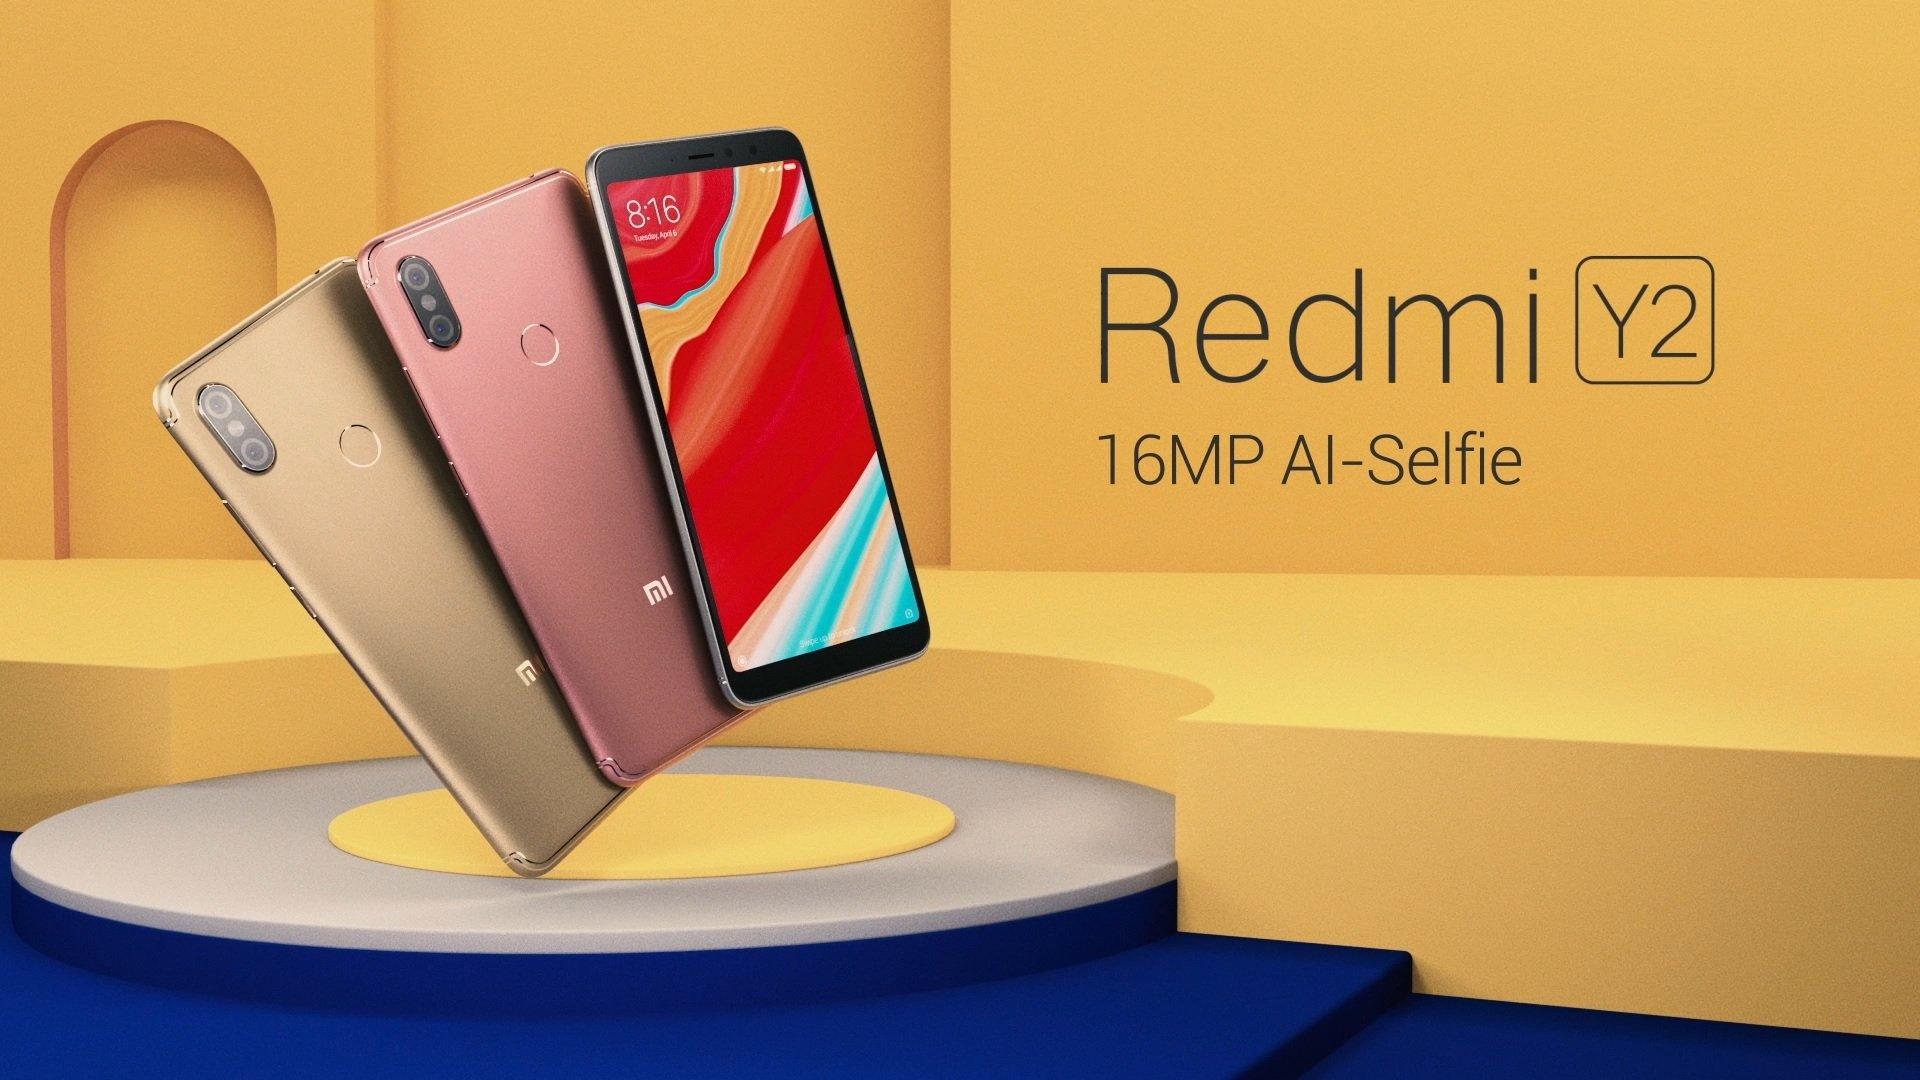 Redmi Y2: Redmi Y2 Specifications, Features at Amazon in